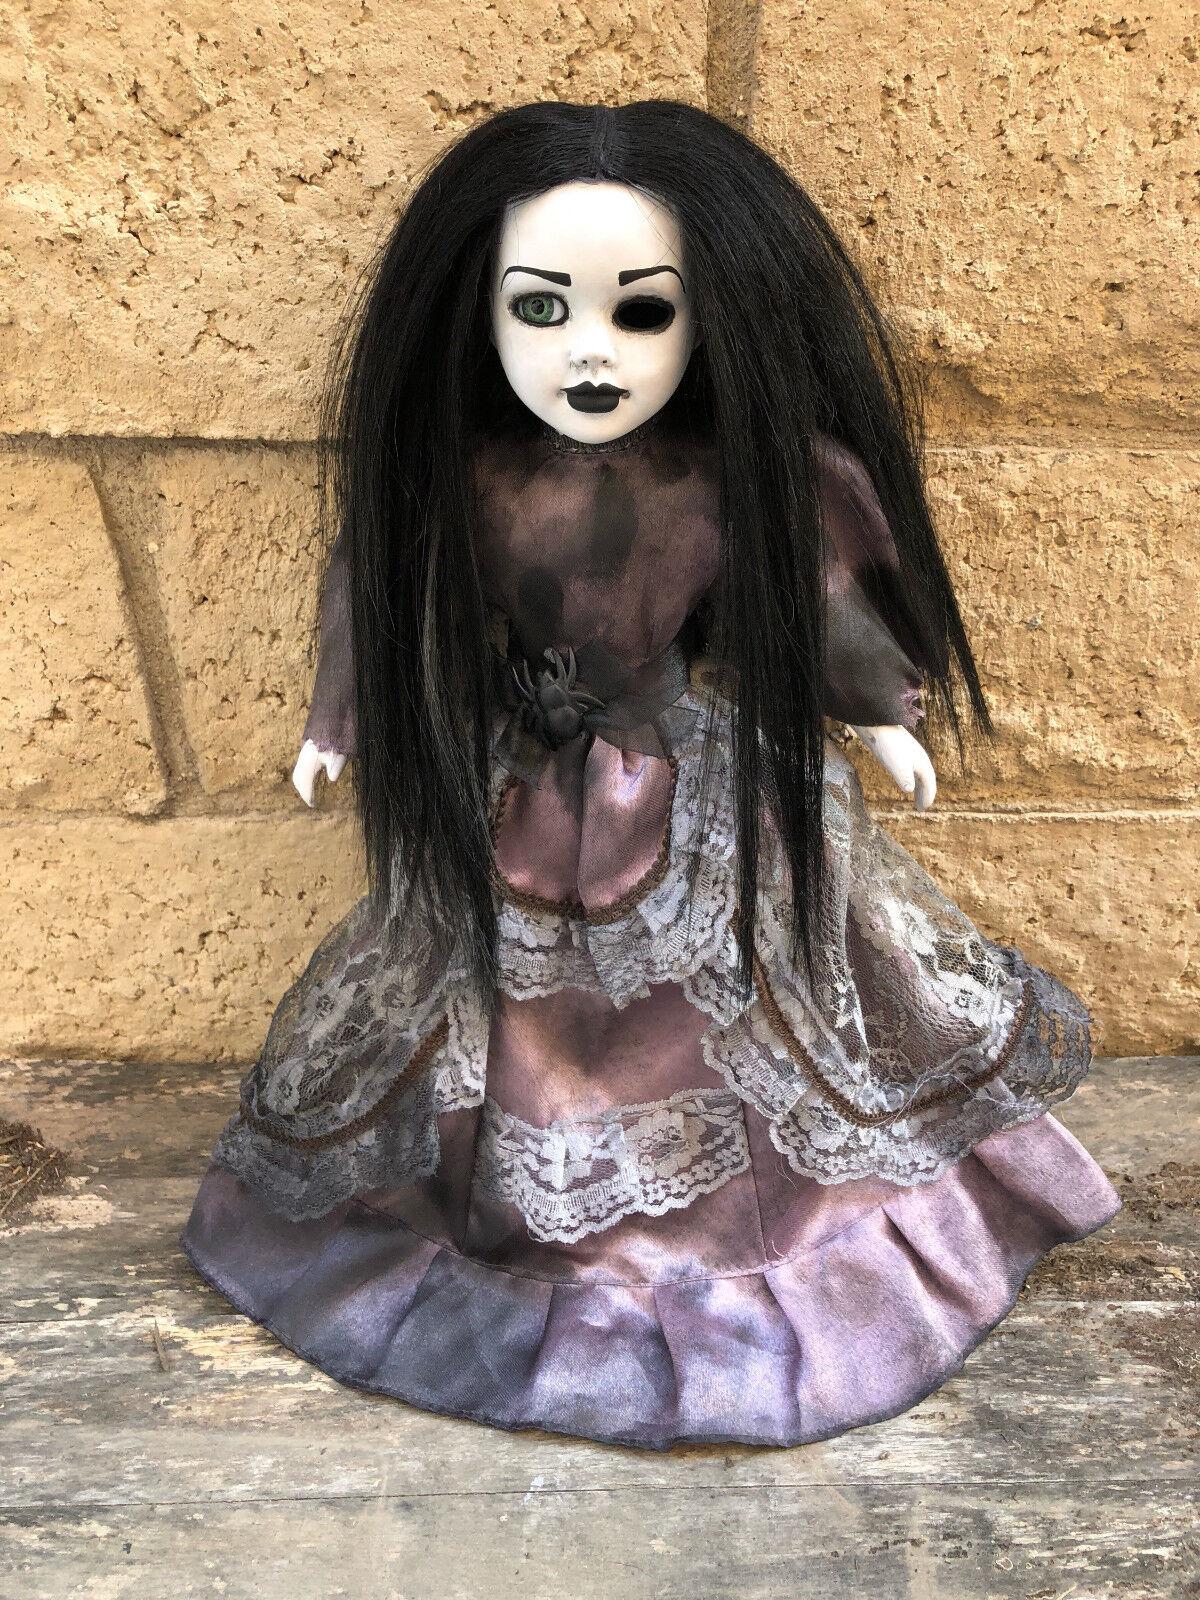 OOAK Sitting Pretty One Eye Creepy Horror Doll Art by Christie Creepydolls